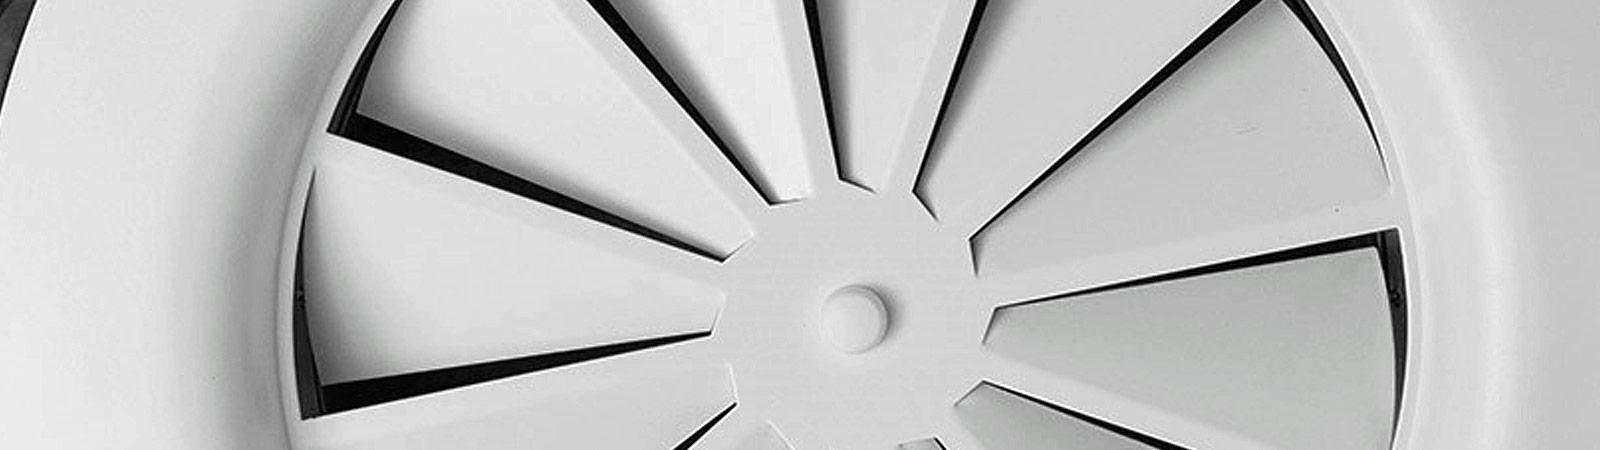 Mechanische ventilatie van Delst Installatietechniek uit Boekel